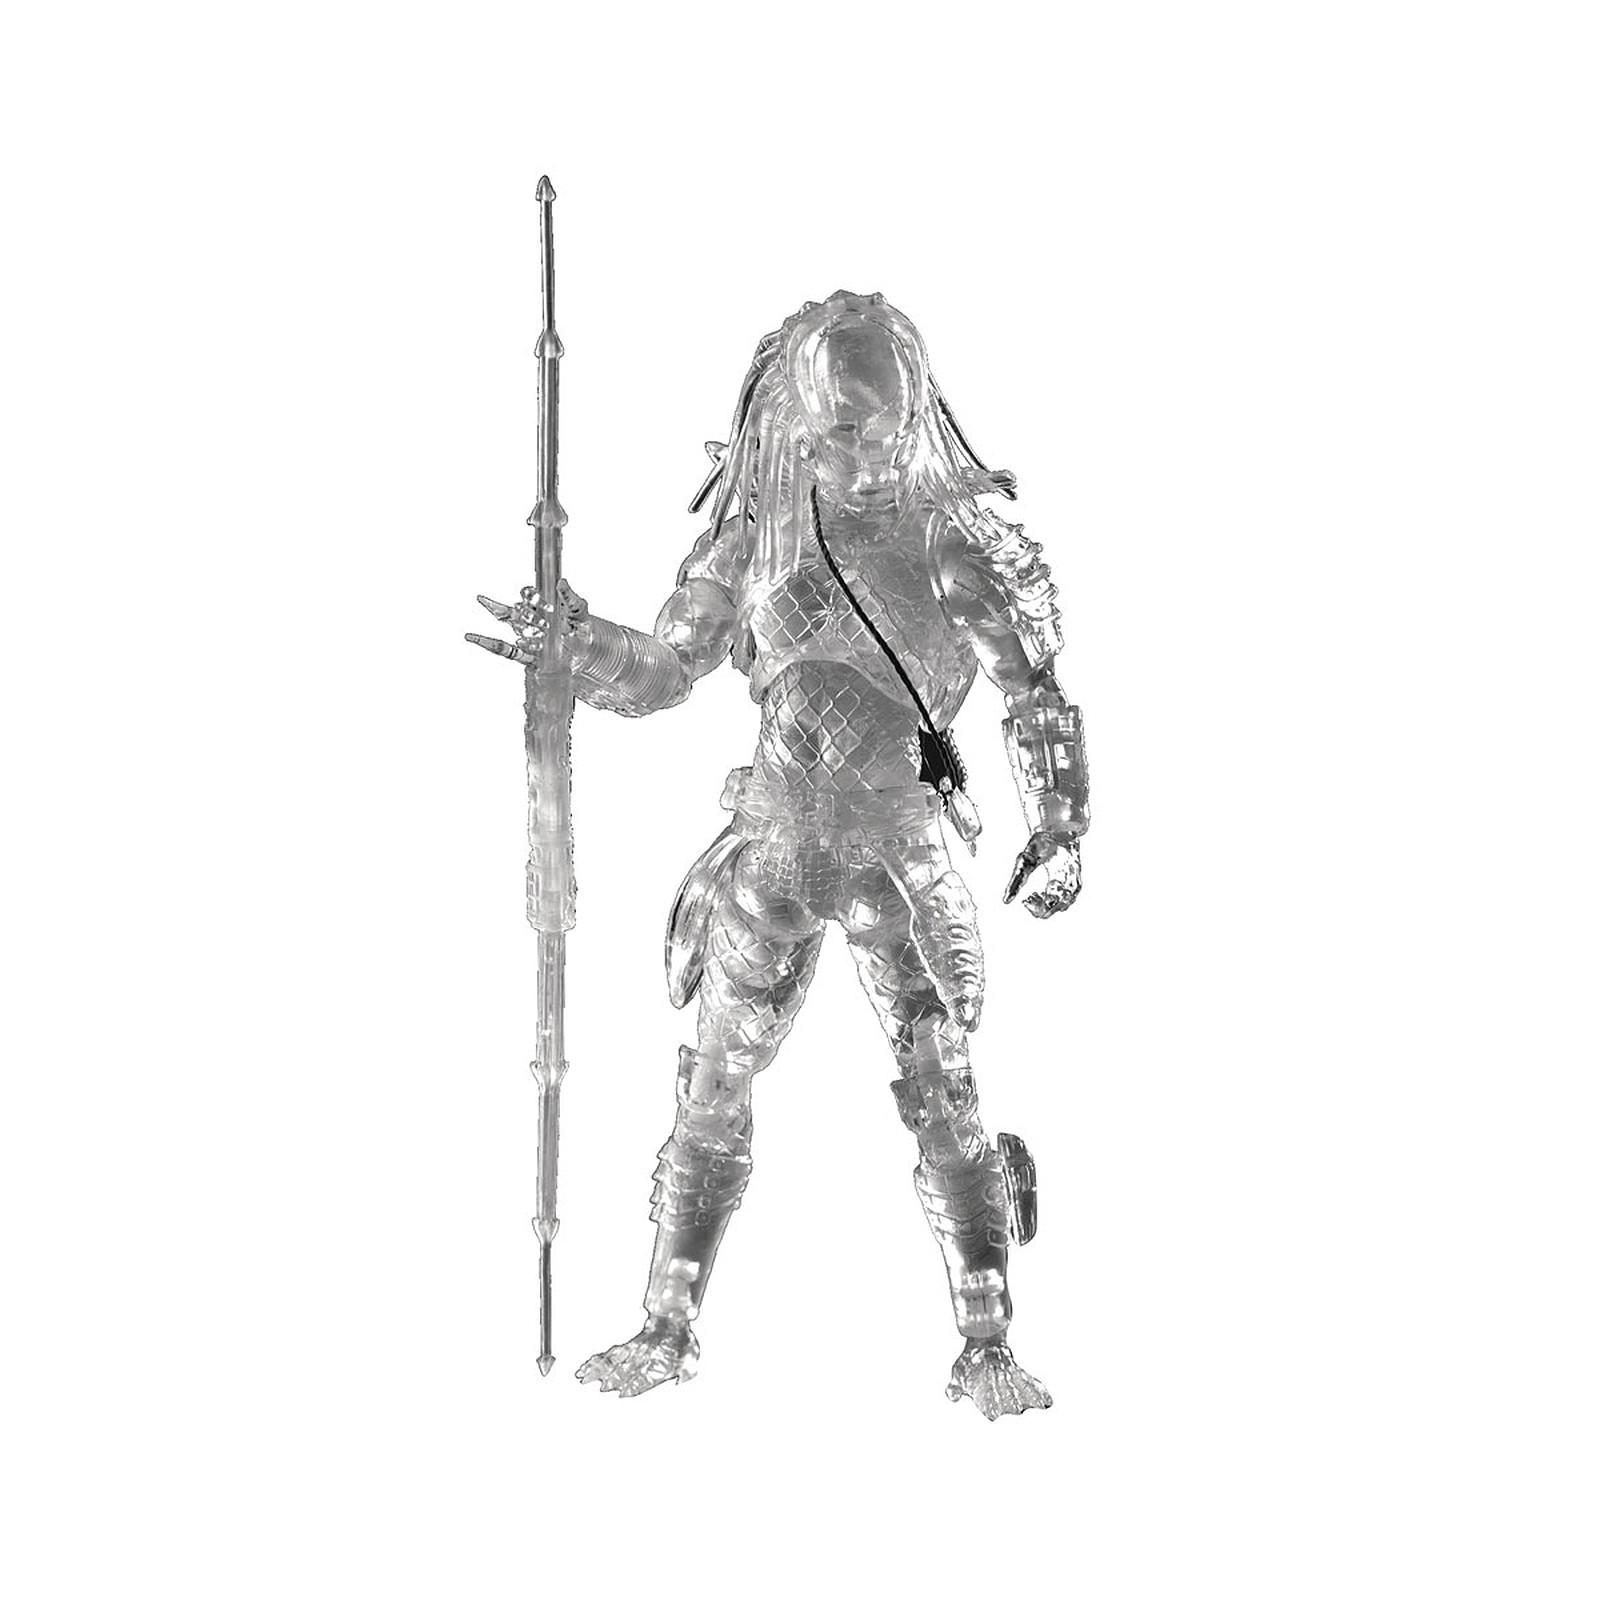 Predator 2 - Figurine 1/18 Predator Invisible City Hunter Previews Exclusive 11 cm